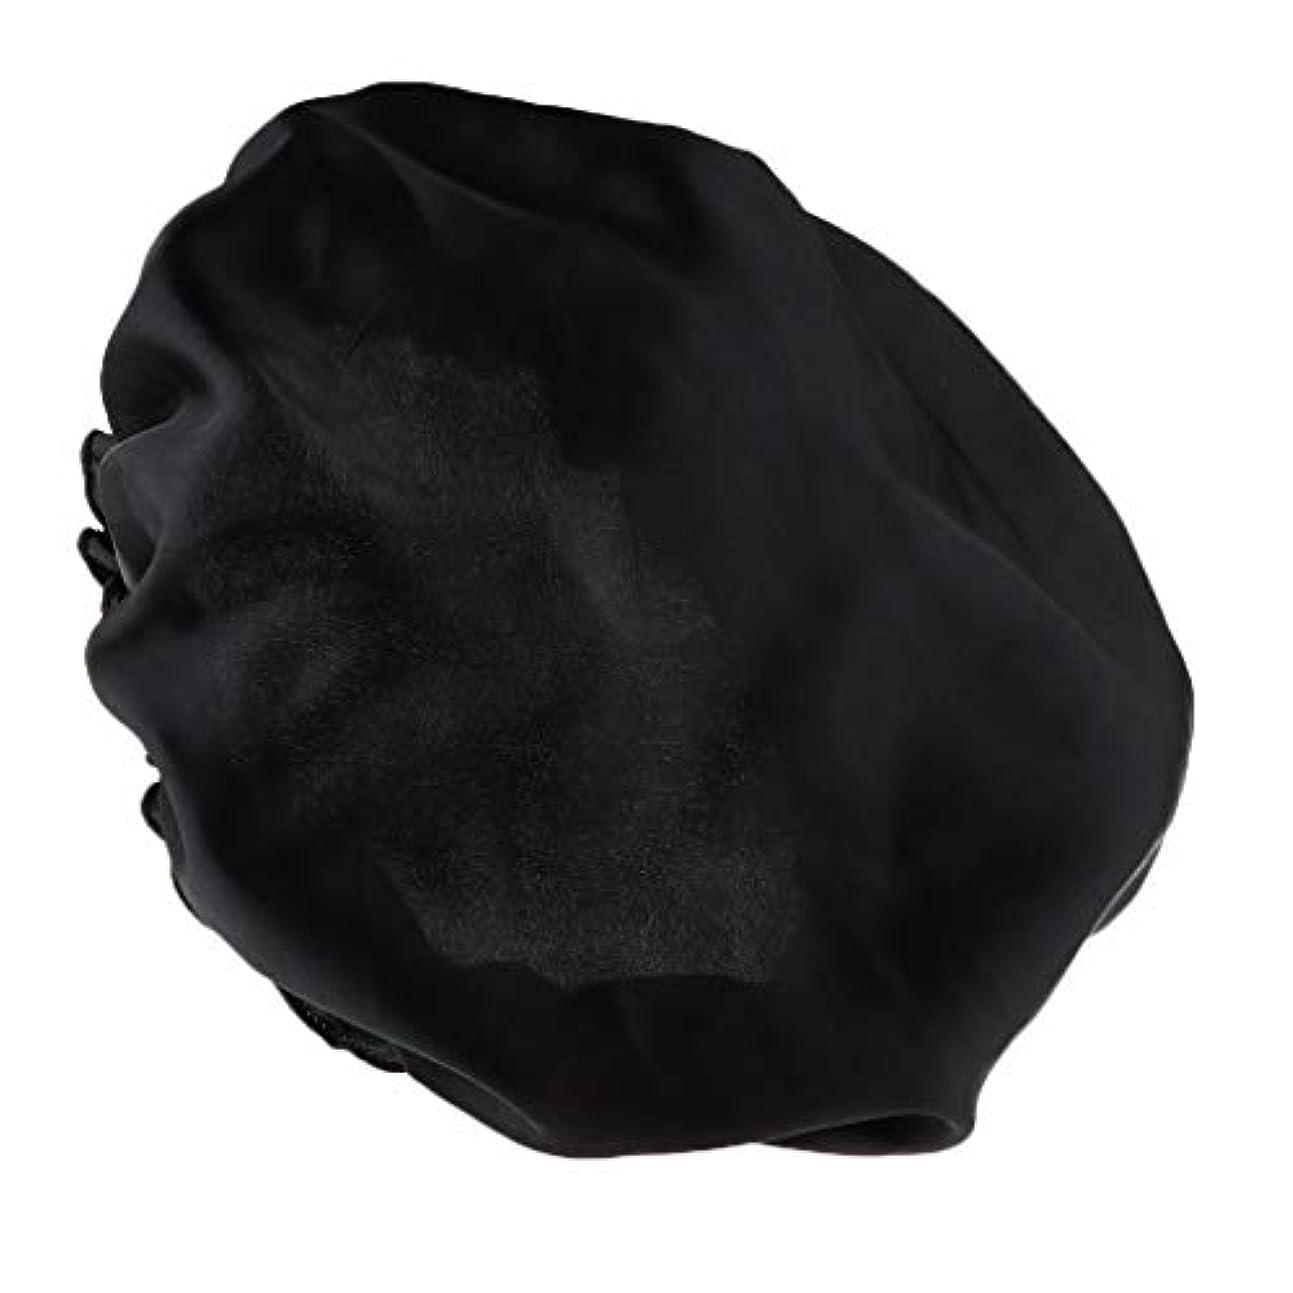 投げ捨てる今日離婚シャワーキャップ シルクサテンキャップ シルクサテン帽子 美容ヘッドカバー 浴用帽子 全8色 - ブラック